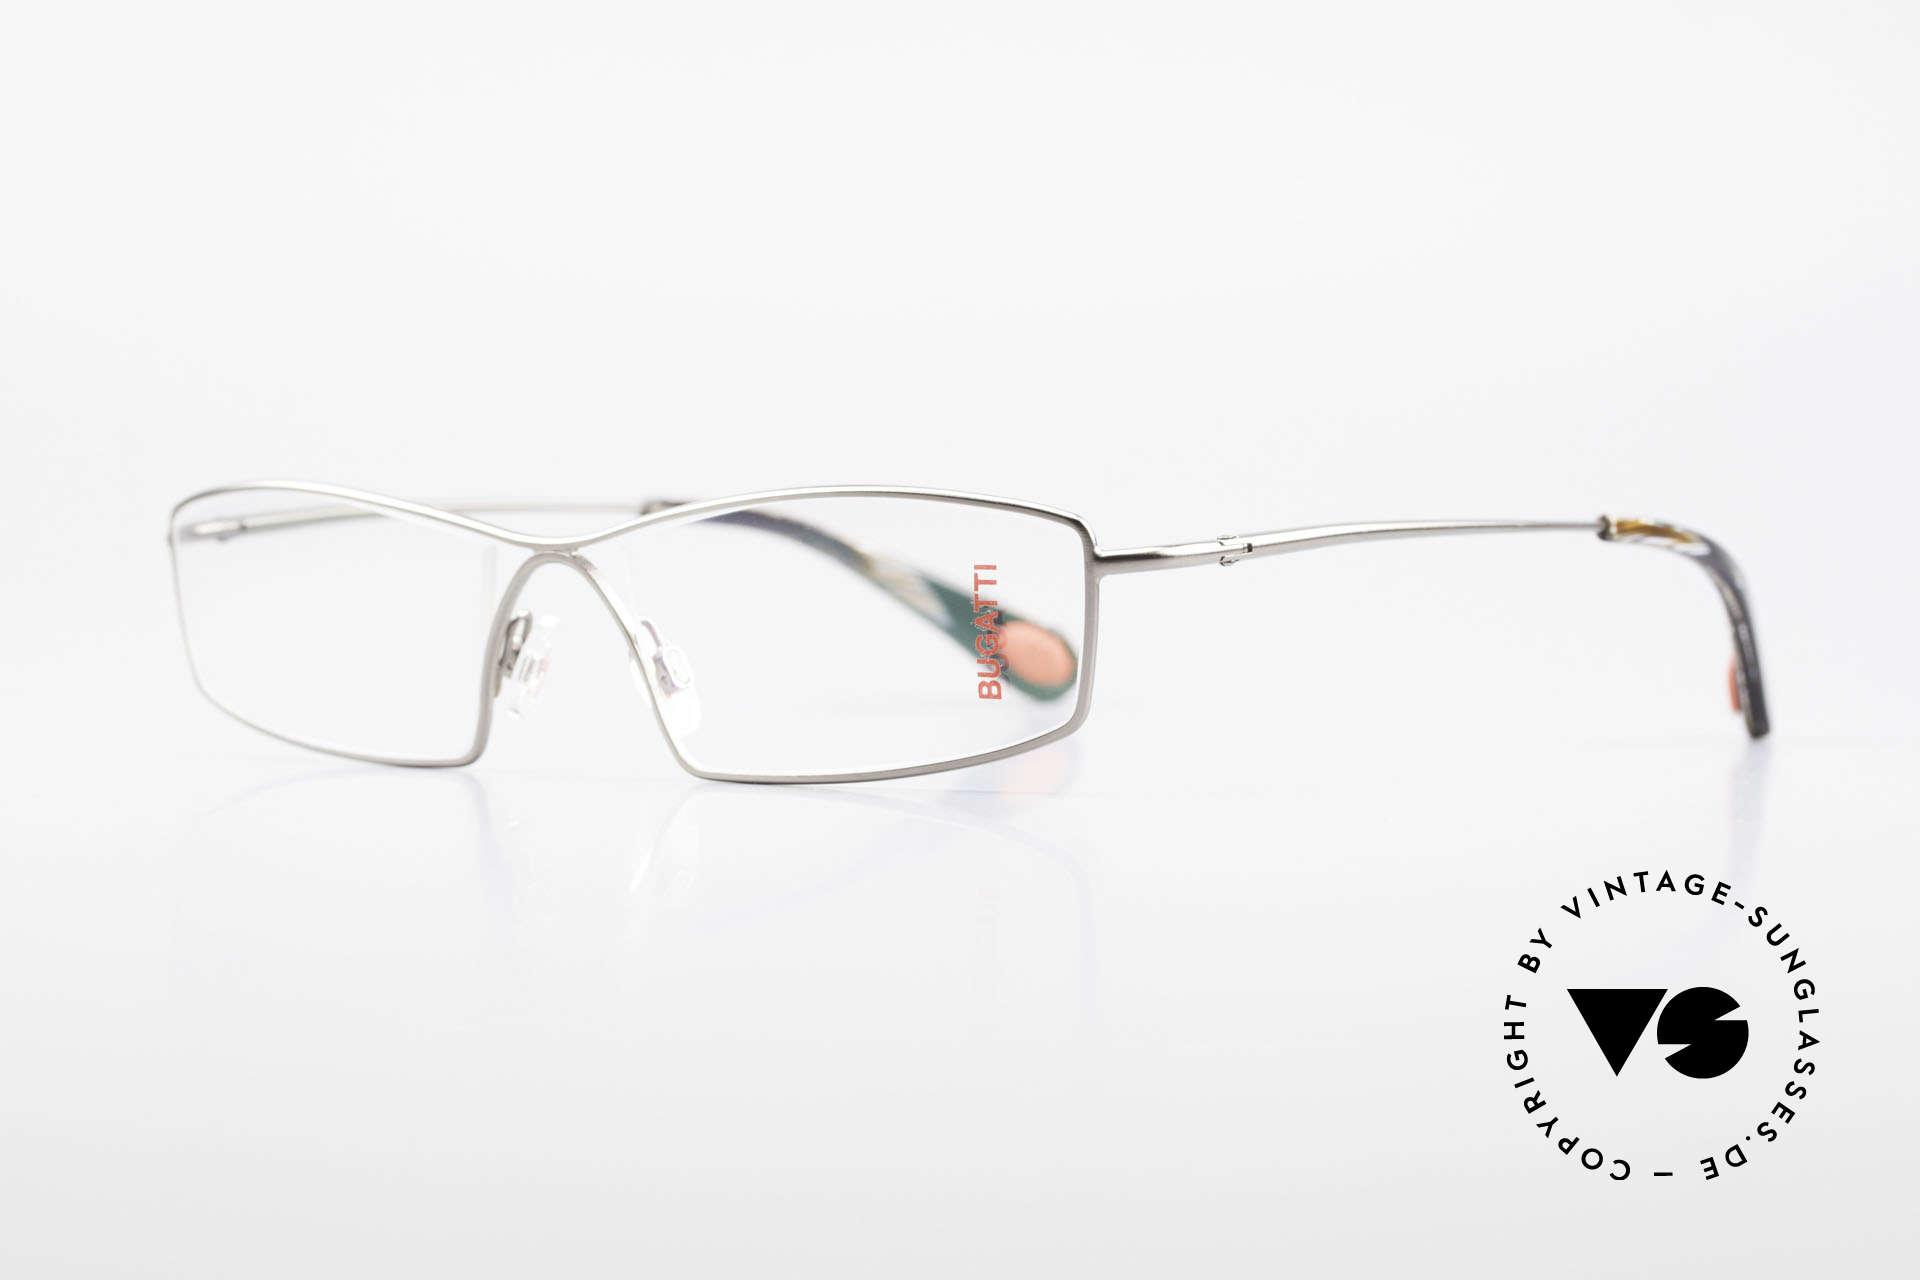 Bugatti 201 Odotype Vintage Designer Herrenbrille, high-tech Rahmen mit genialer Glaseinfassung, Passend für Herren